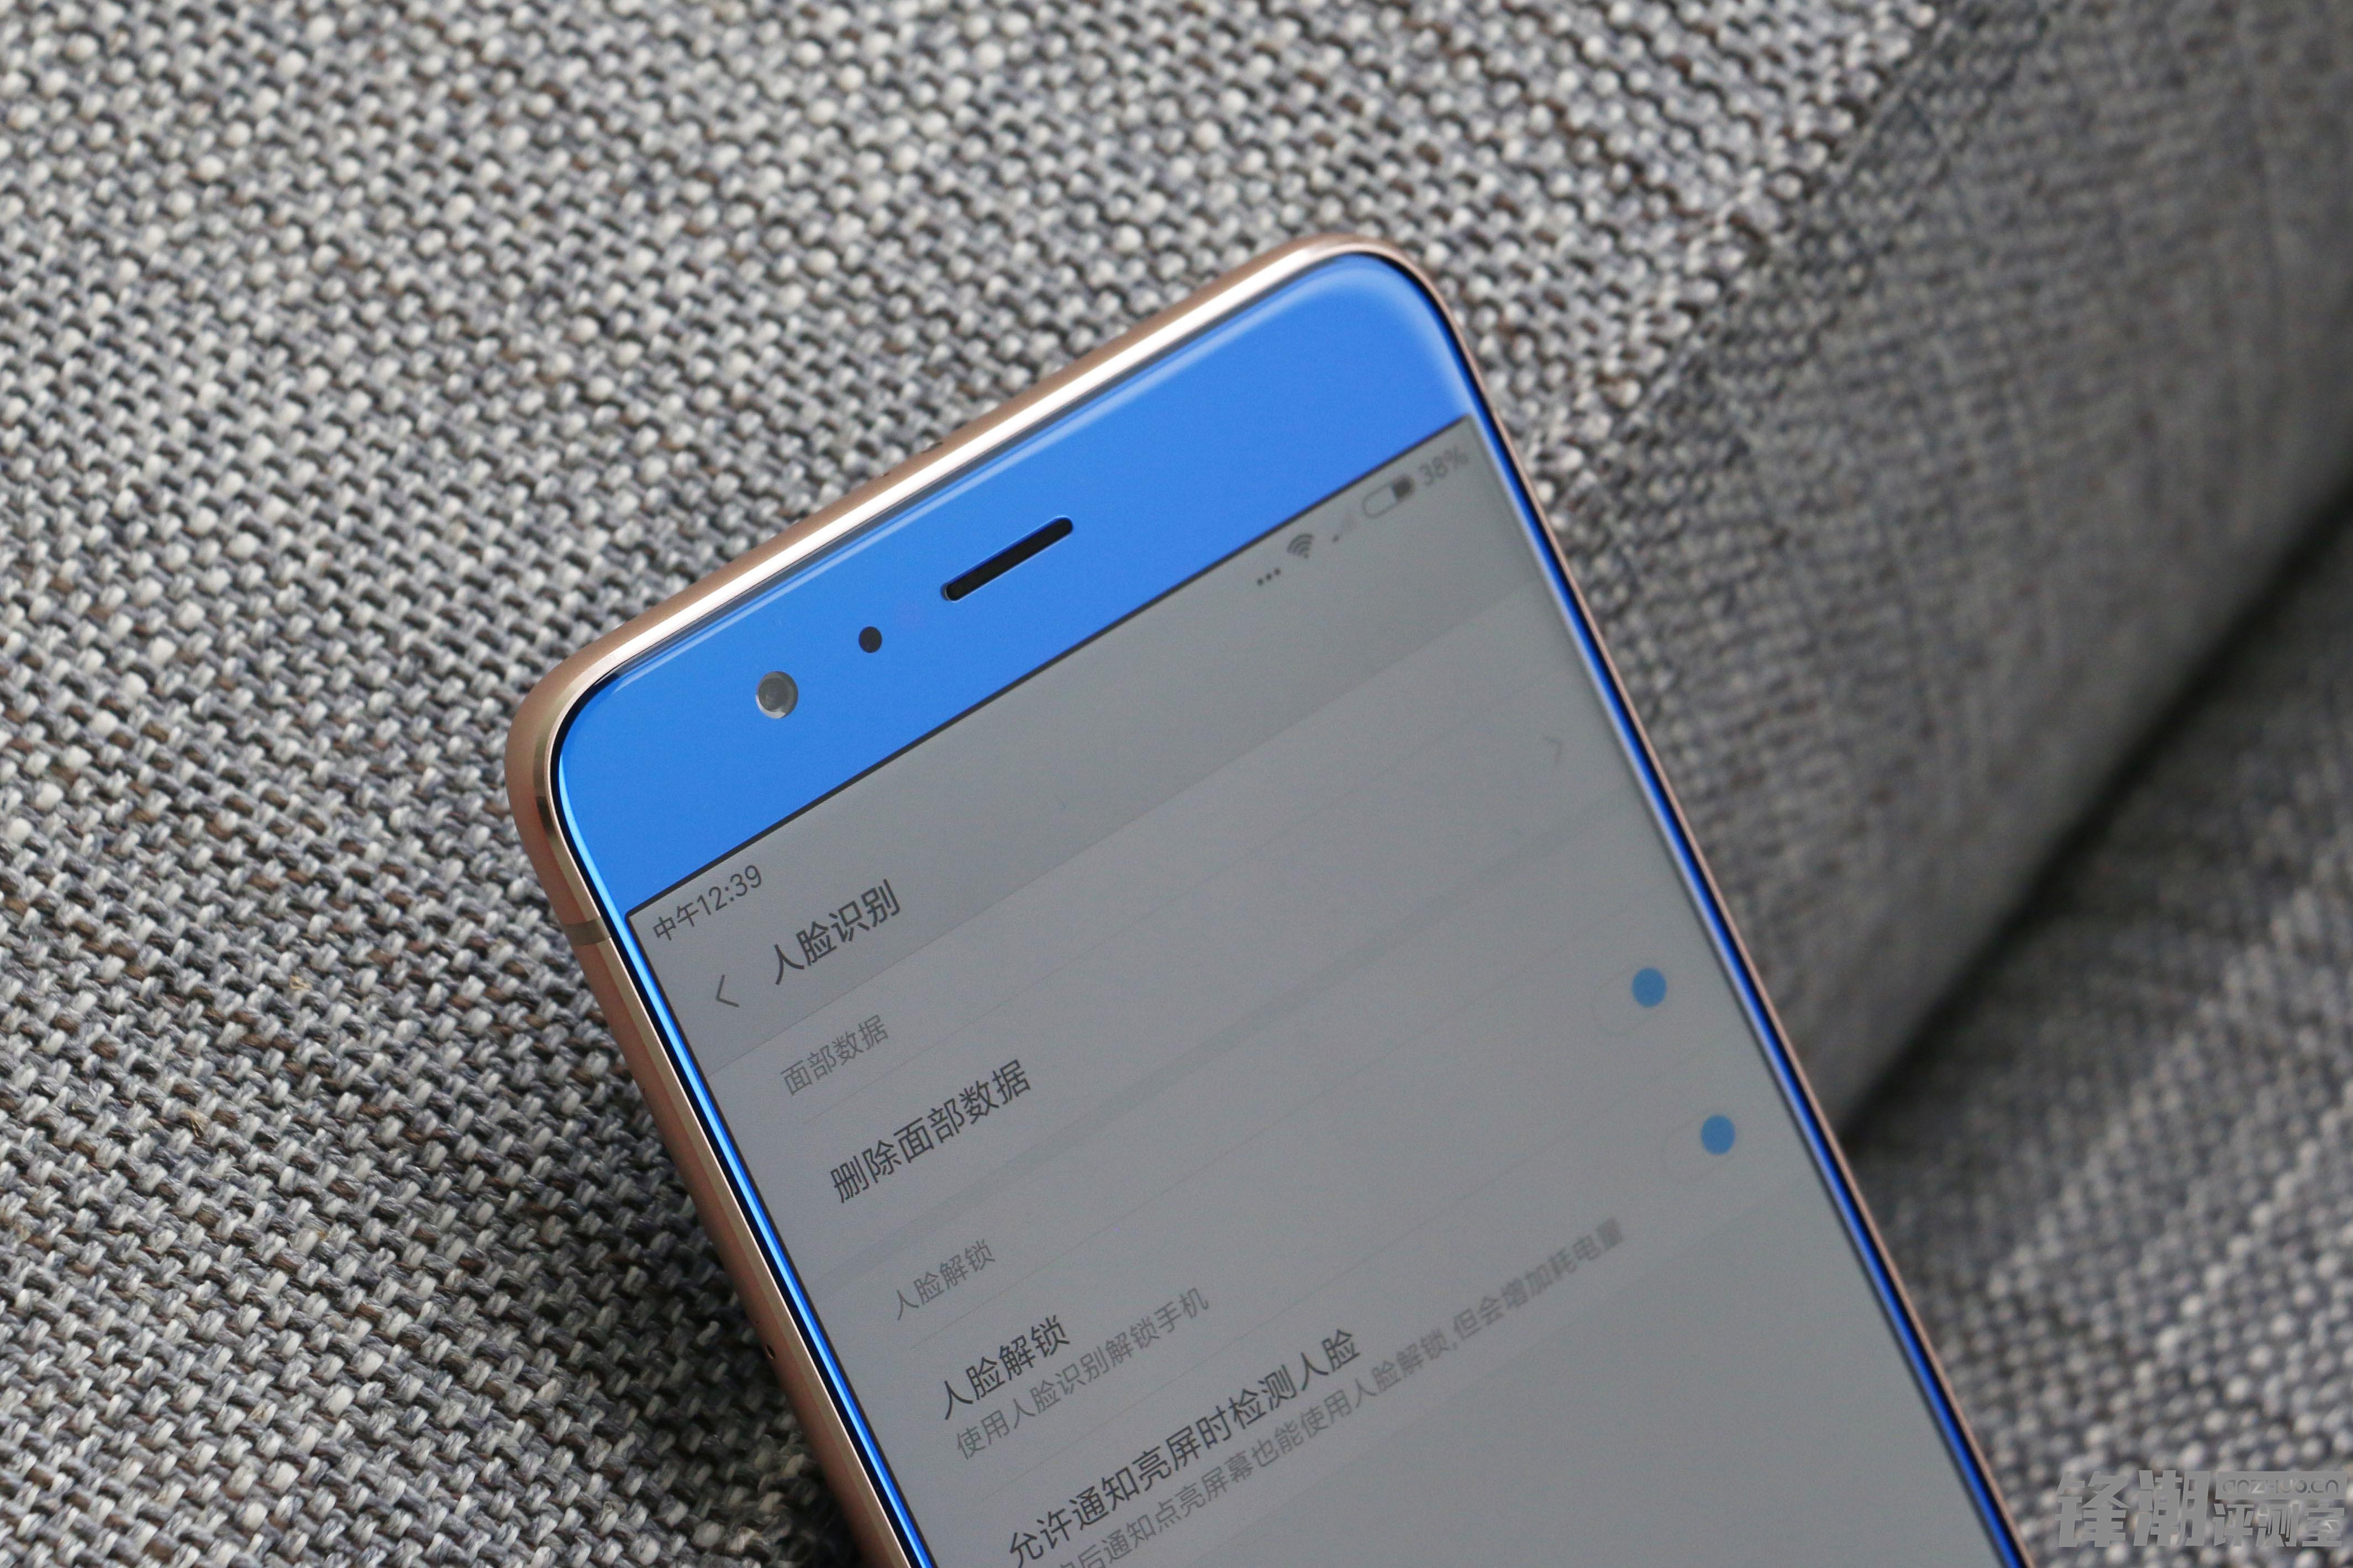 【力皮西】实力更加均衡的旗舰机:小米Note 3详细评测